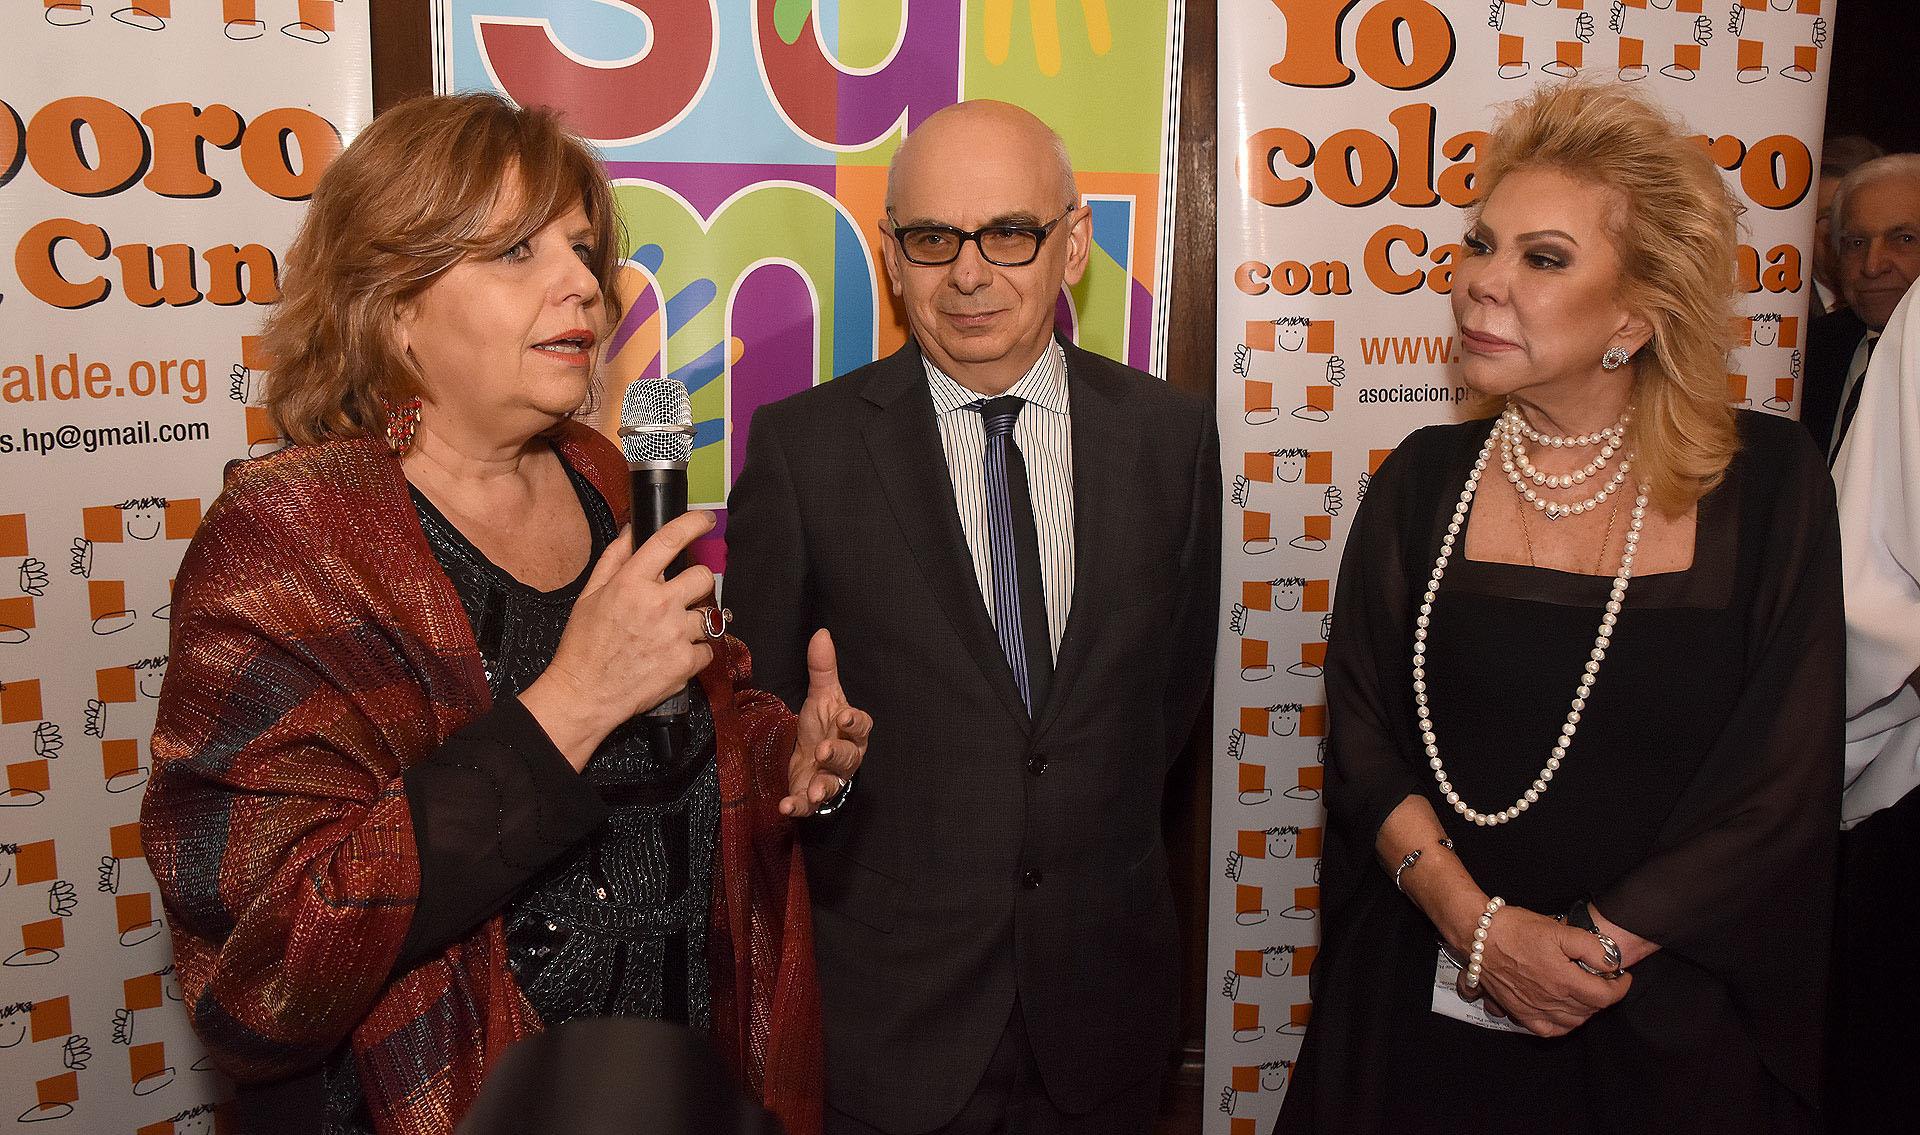 La ministra Bou Pérez pronunció también unas palabras